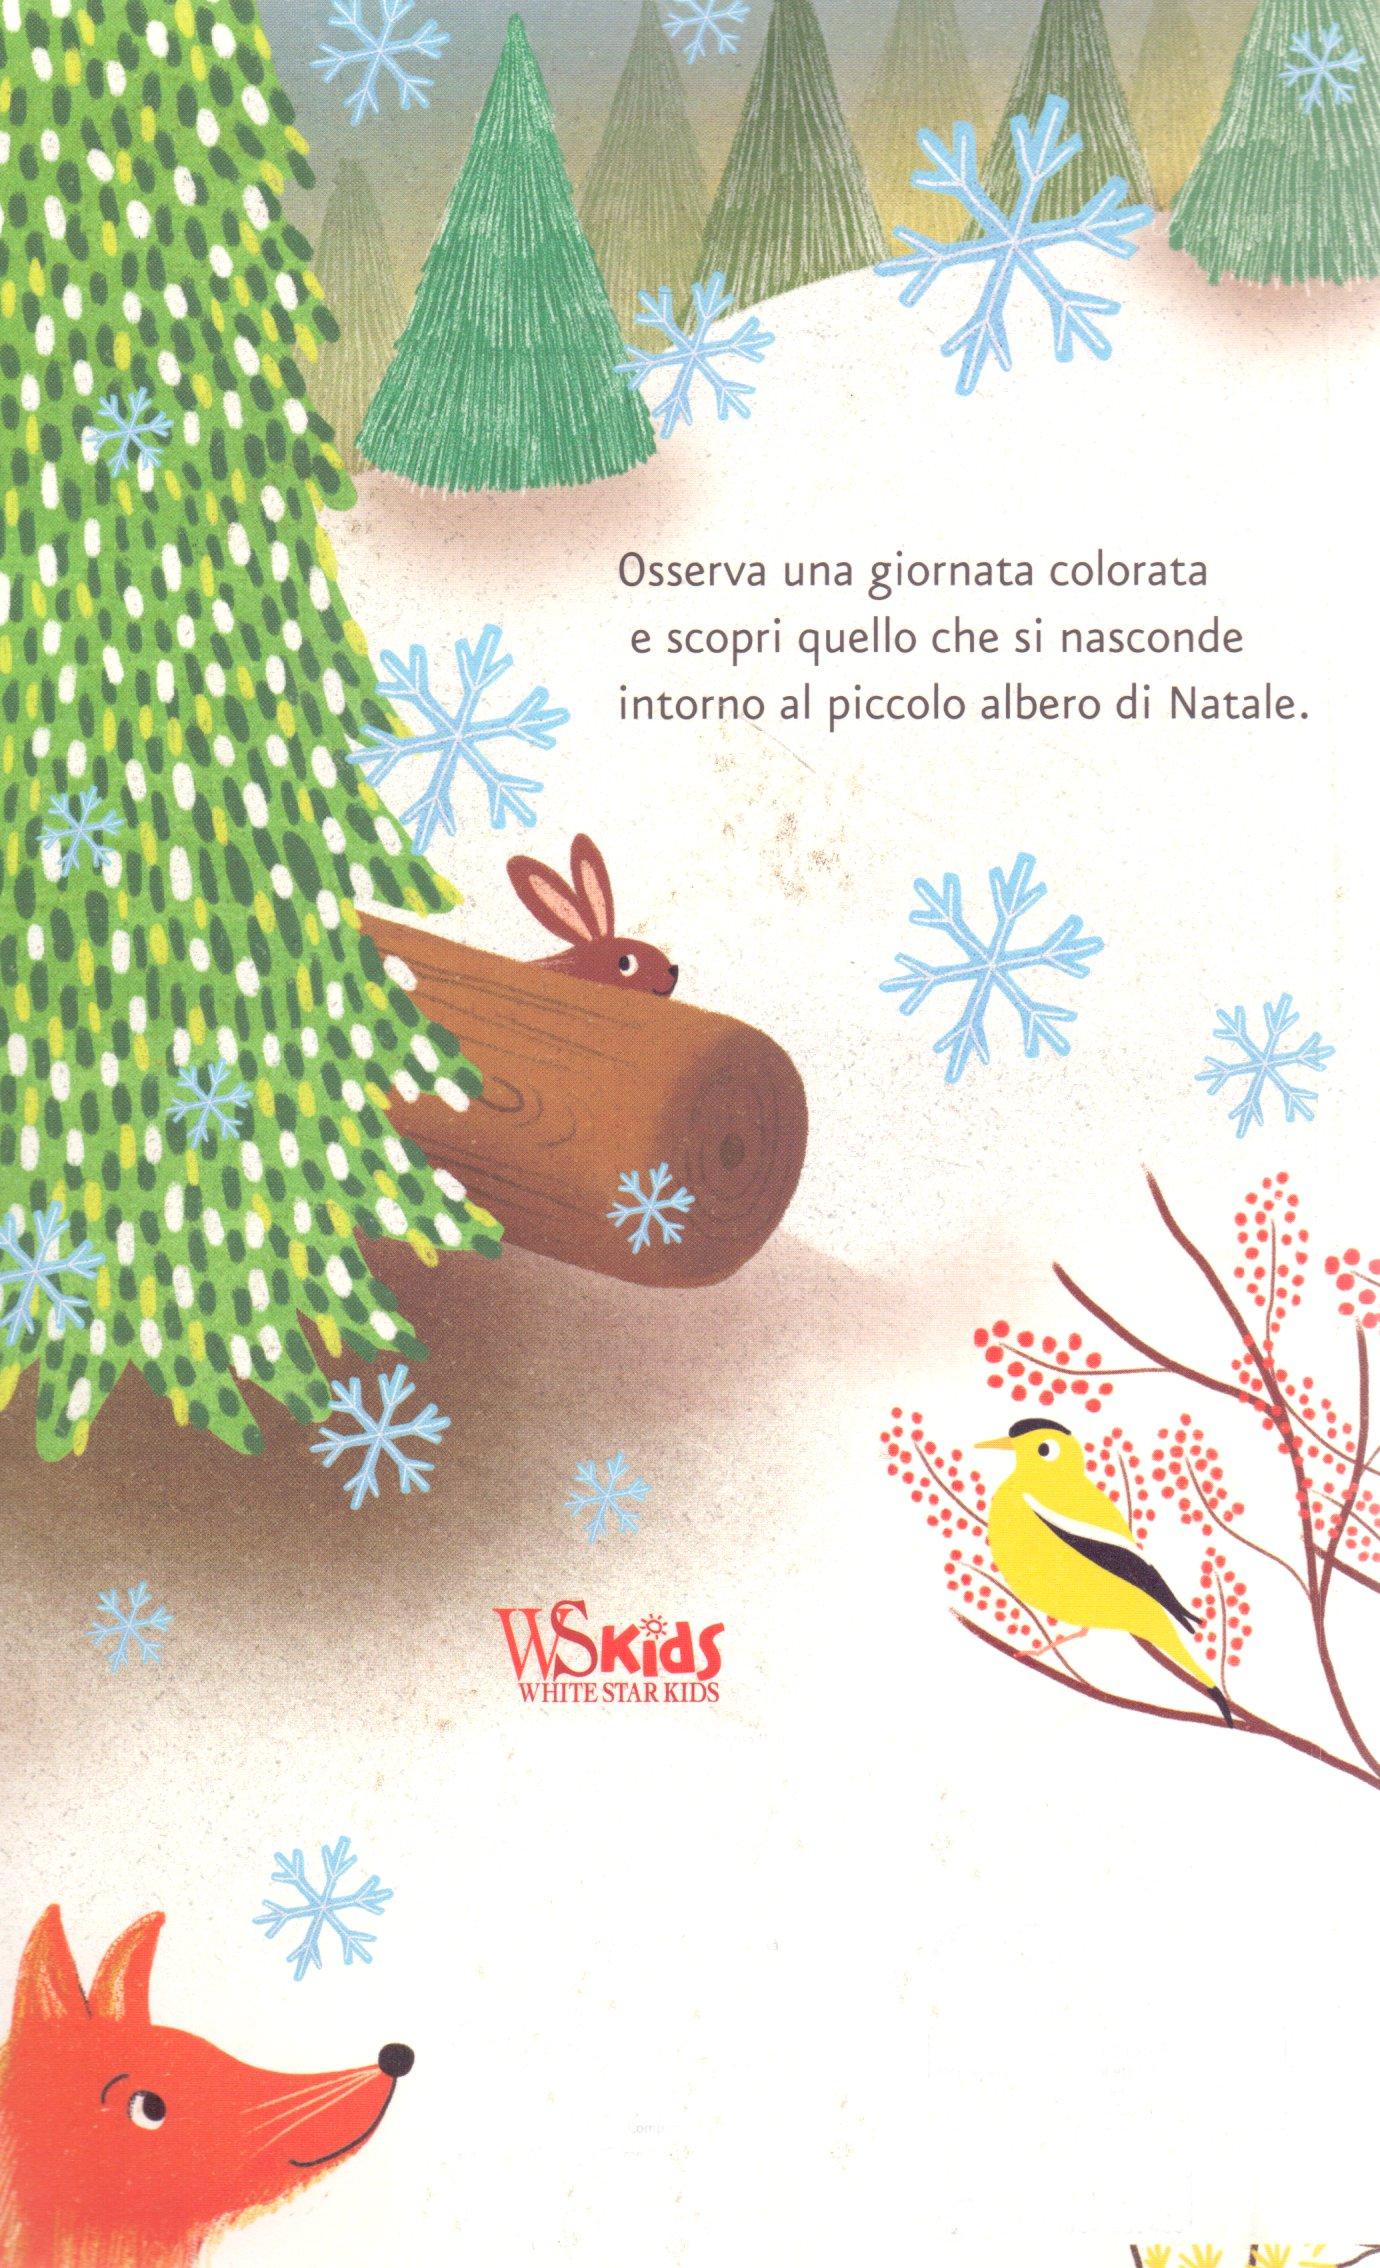 Storia di un piccolo albero di Natale.